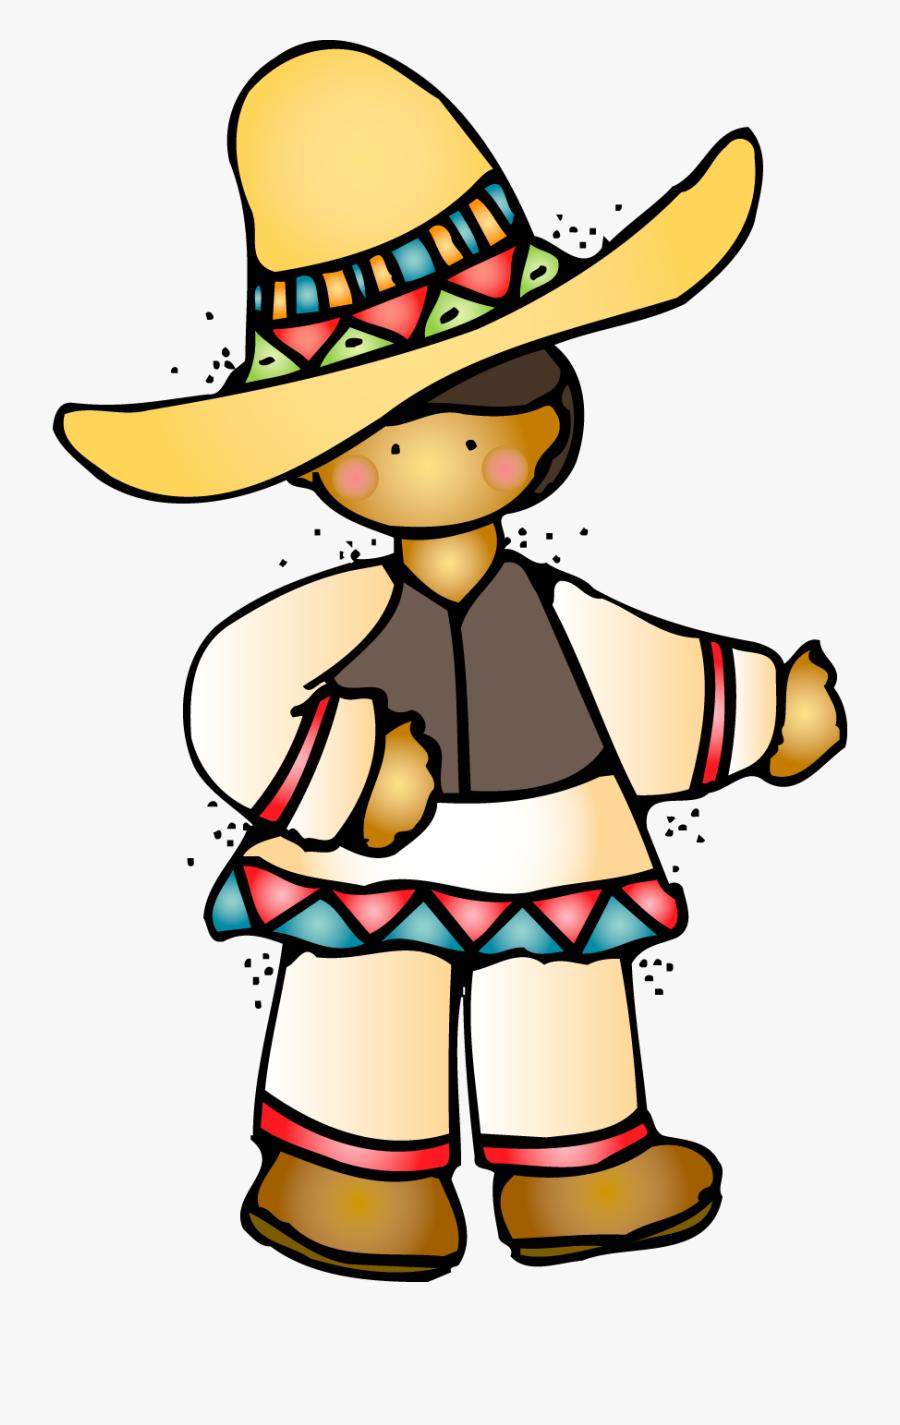 Cuisine Churro Mexicans Cartoon Clip Art Fiesta - Mexican Thank You Clipart, Transparent Clipart